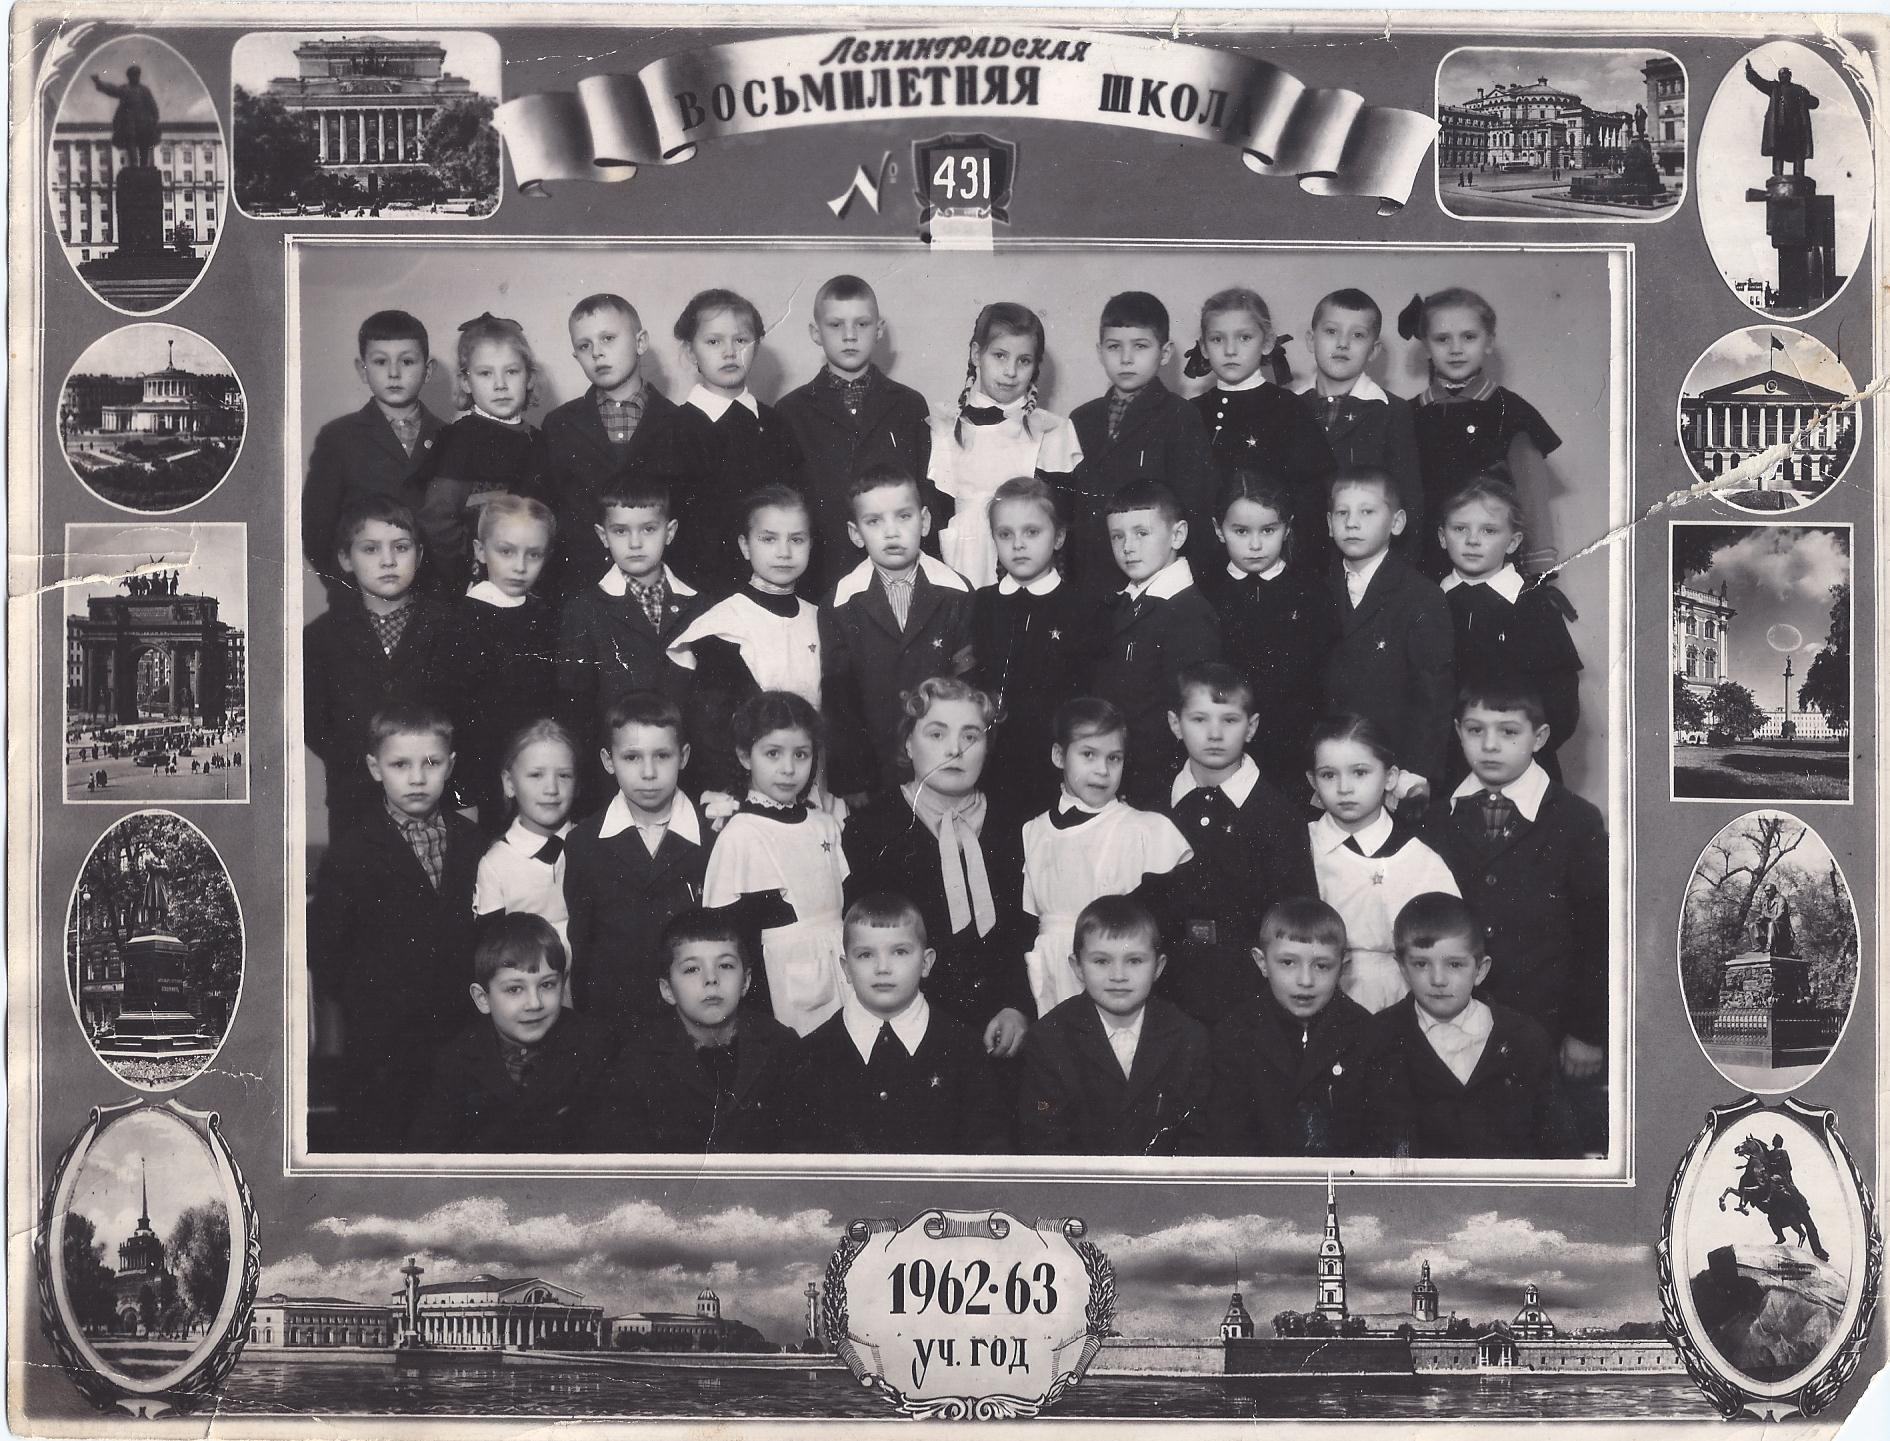 431 school.Leningrad 1962-1962